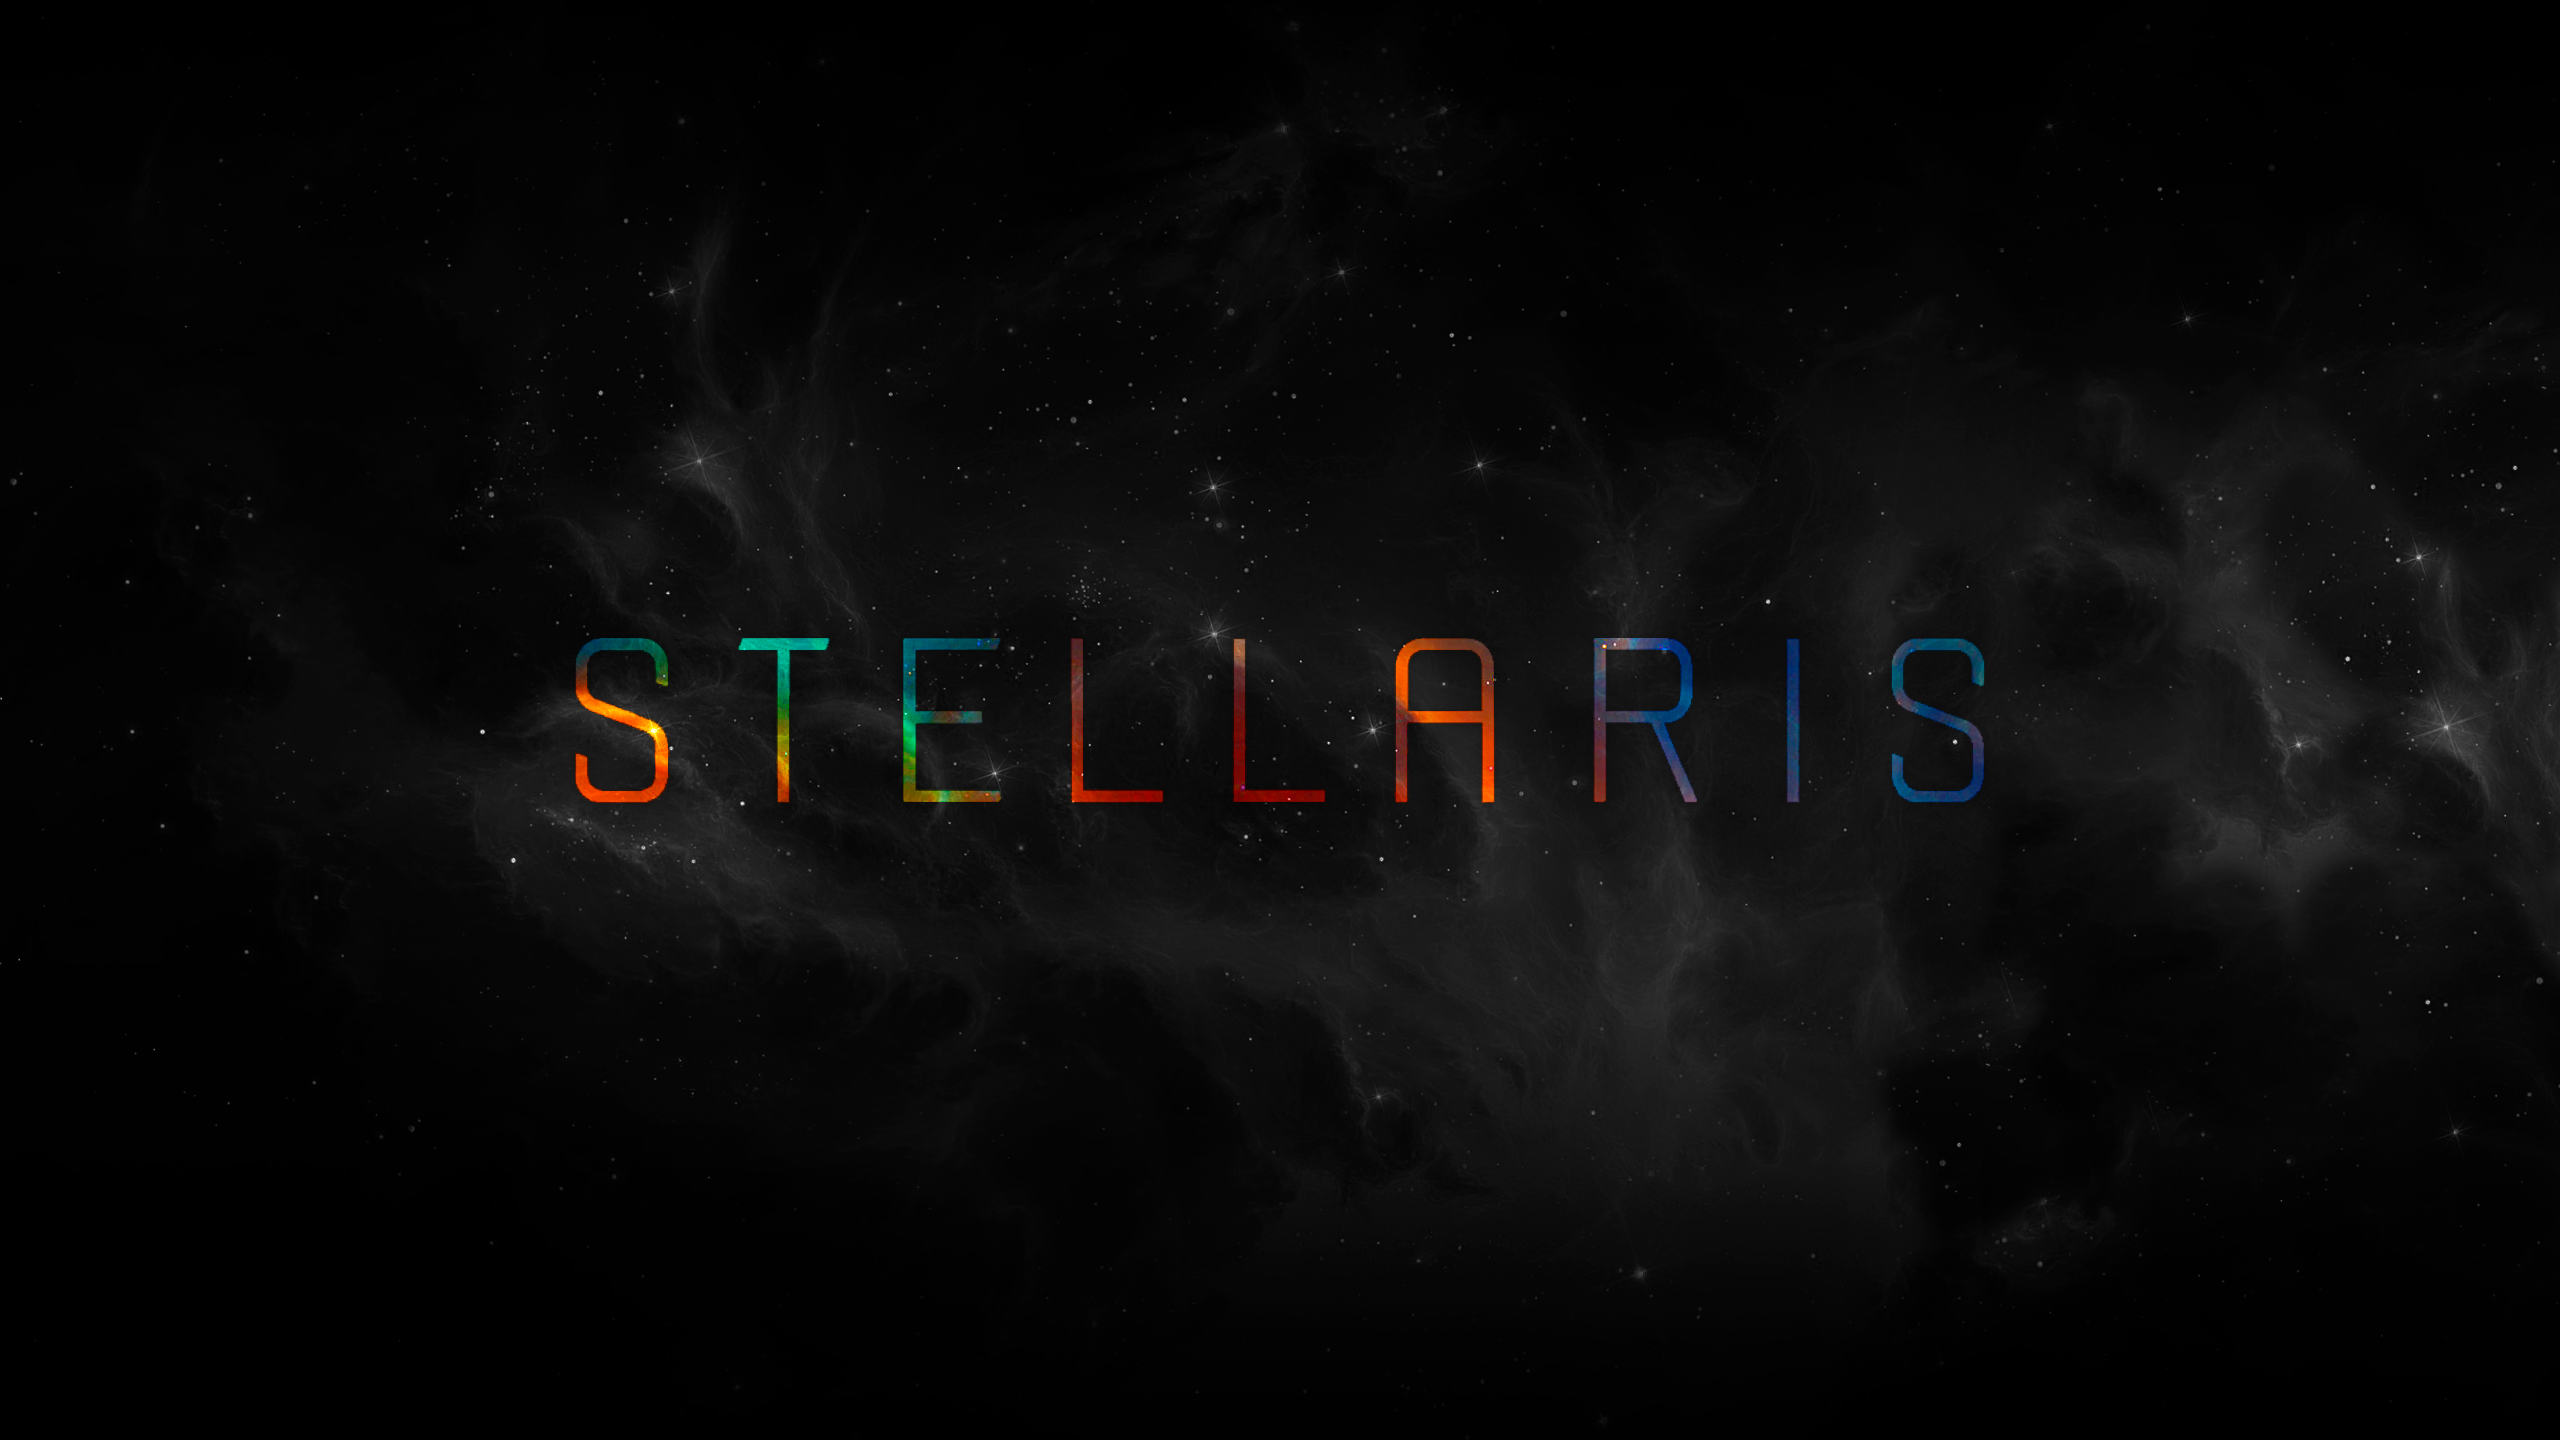 stellaris logo wallpaper background 61463